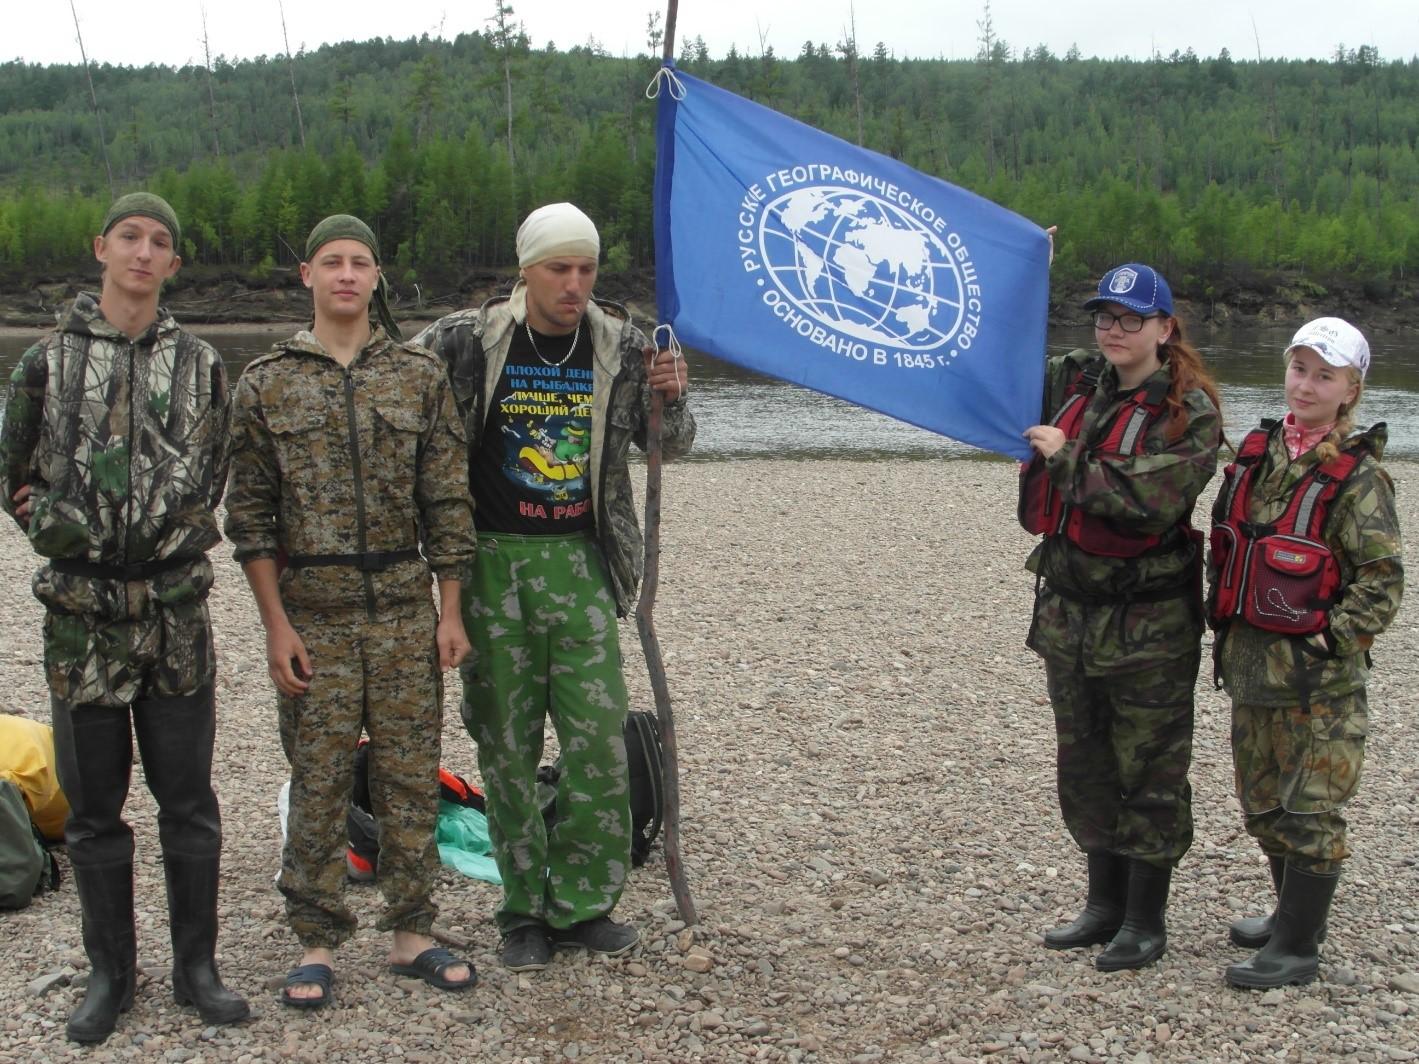 Фото предоставлено Амурским областным отделением РГО